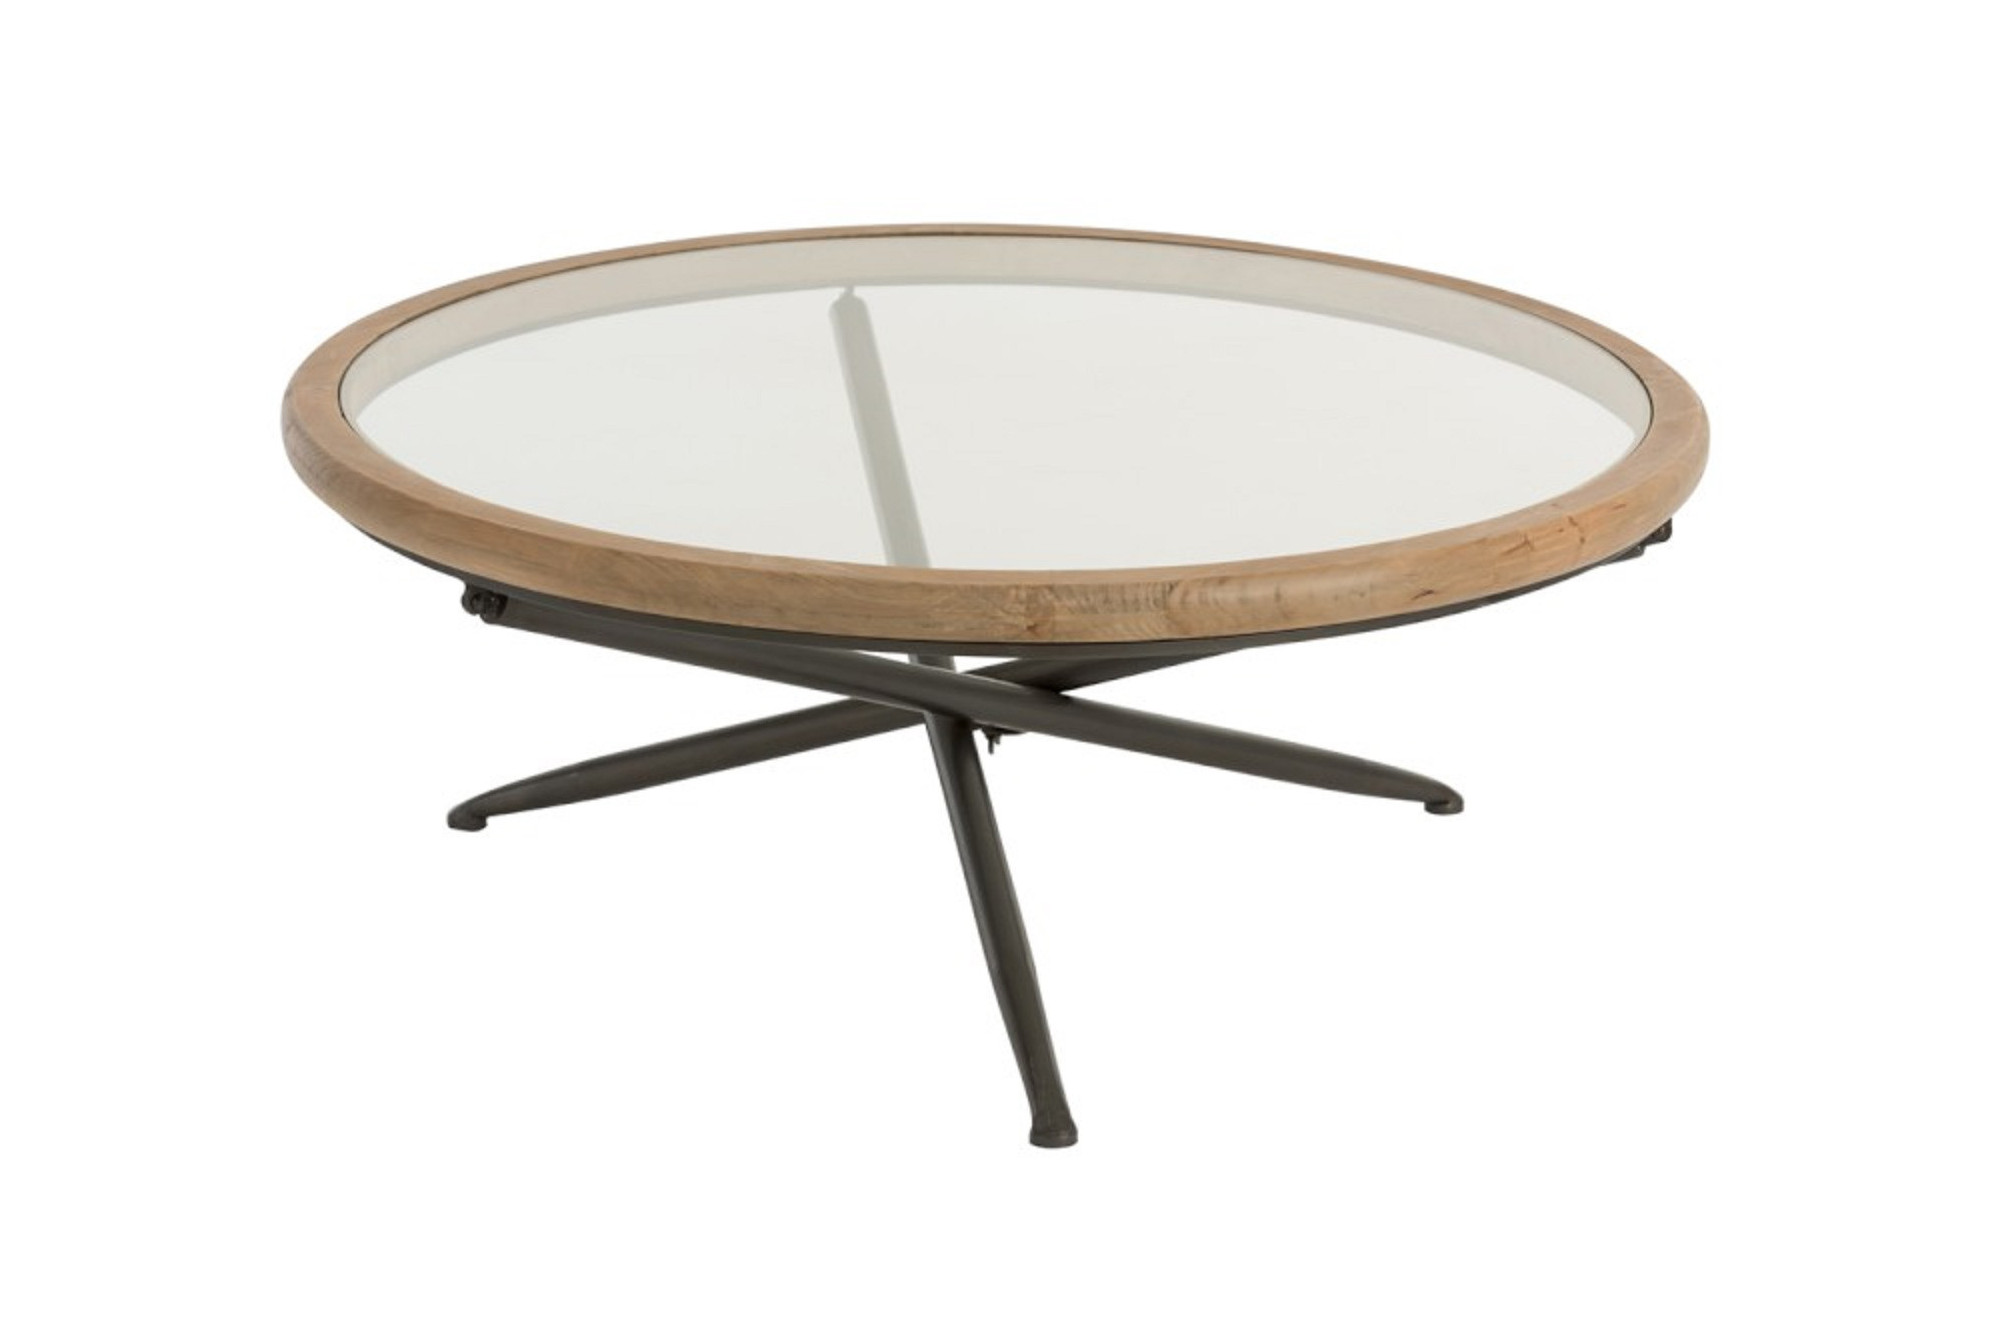 هوبرت هدسون تناقض تعارض تضارب اسم العلامة التجارية table de salon rond